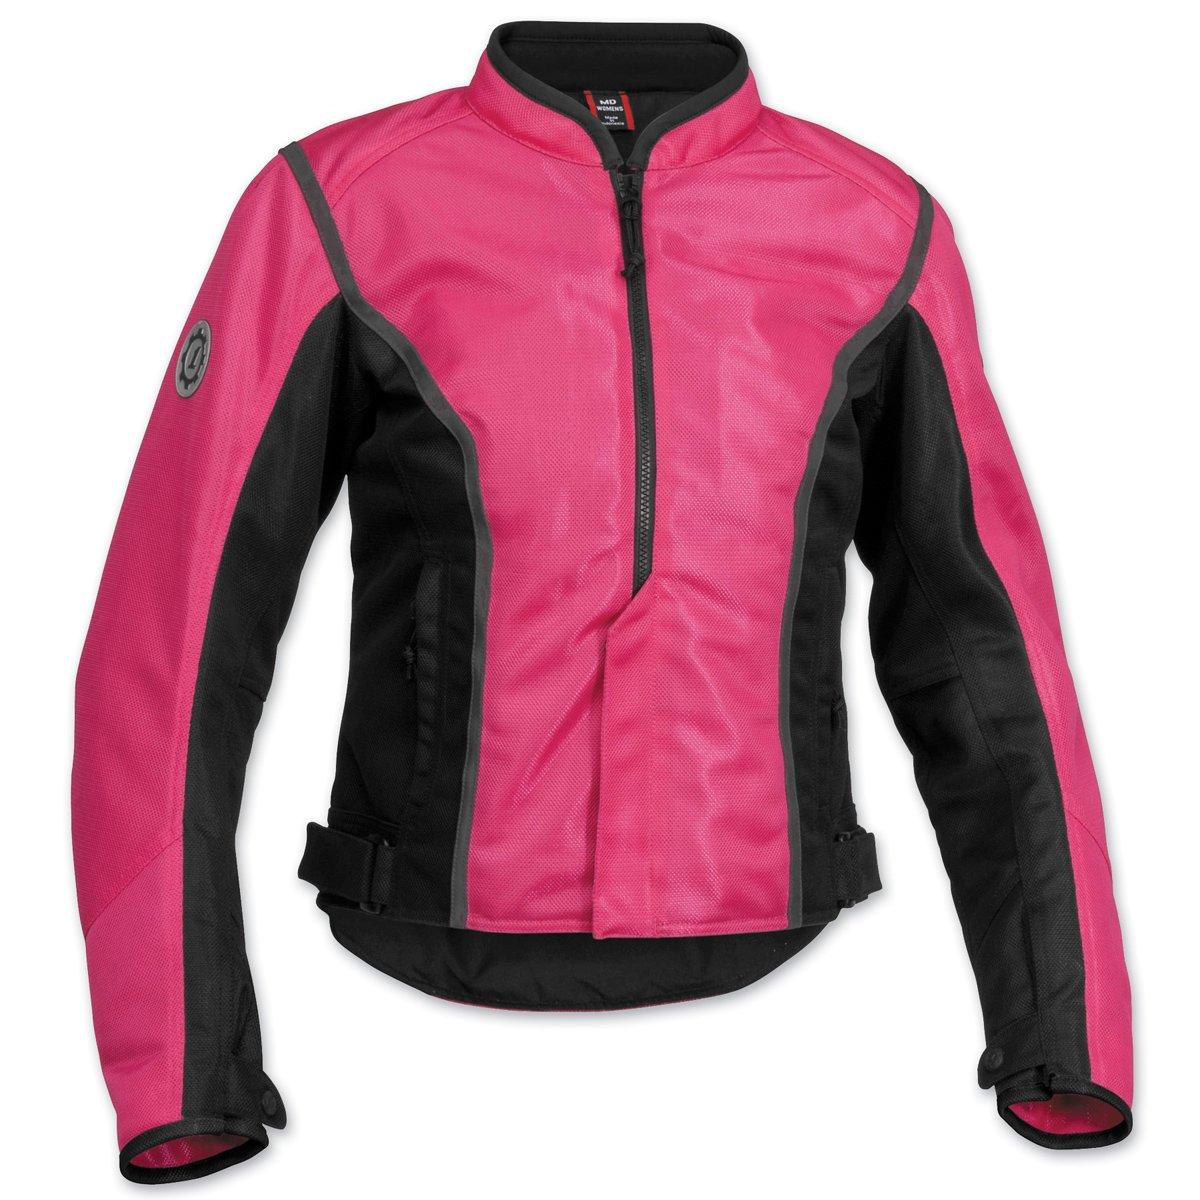 Firstgear Women's Contour Mesh Pink/Black Jacket, XL